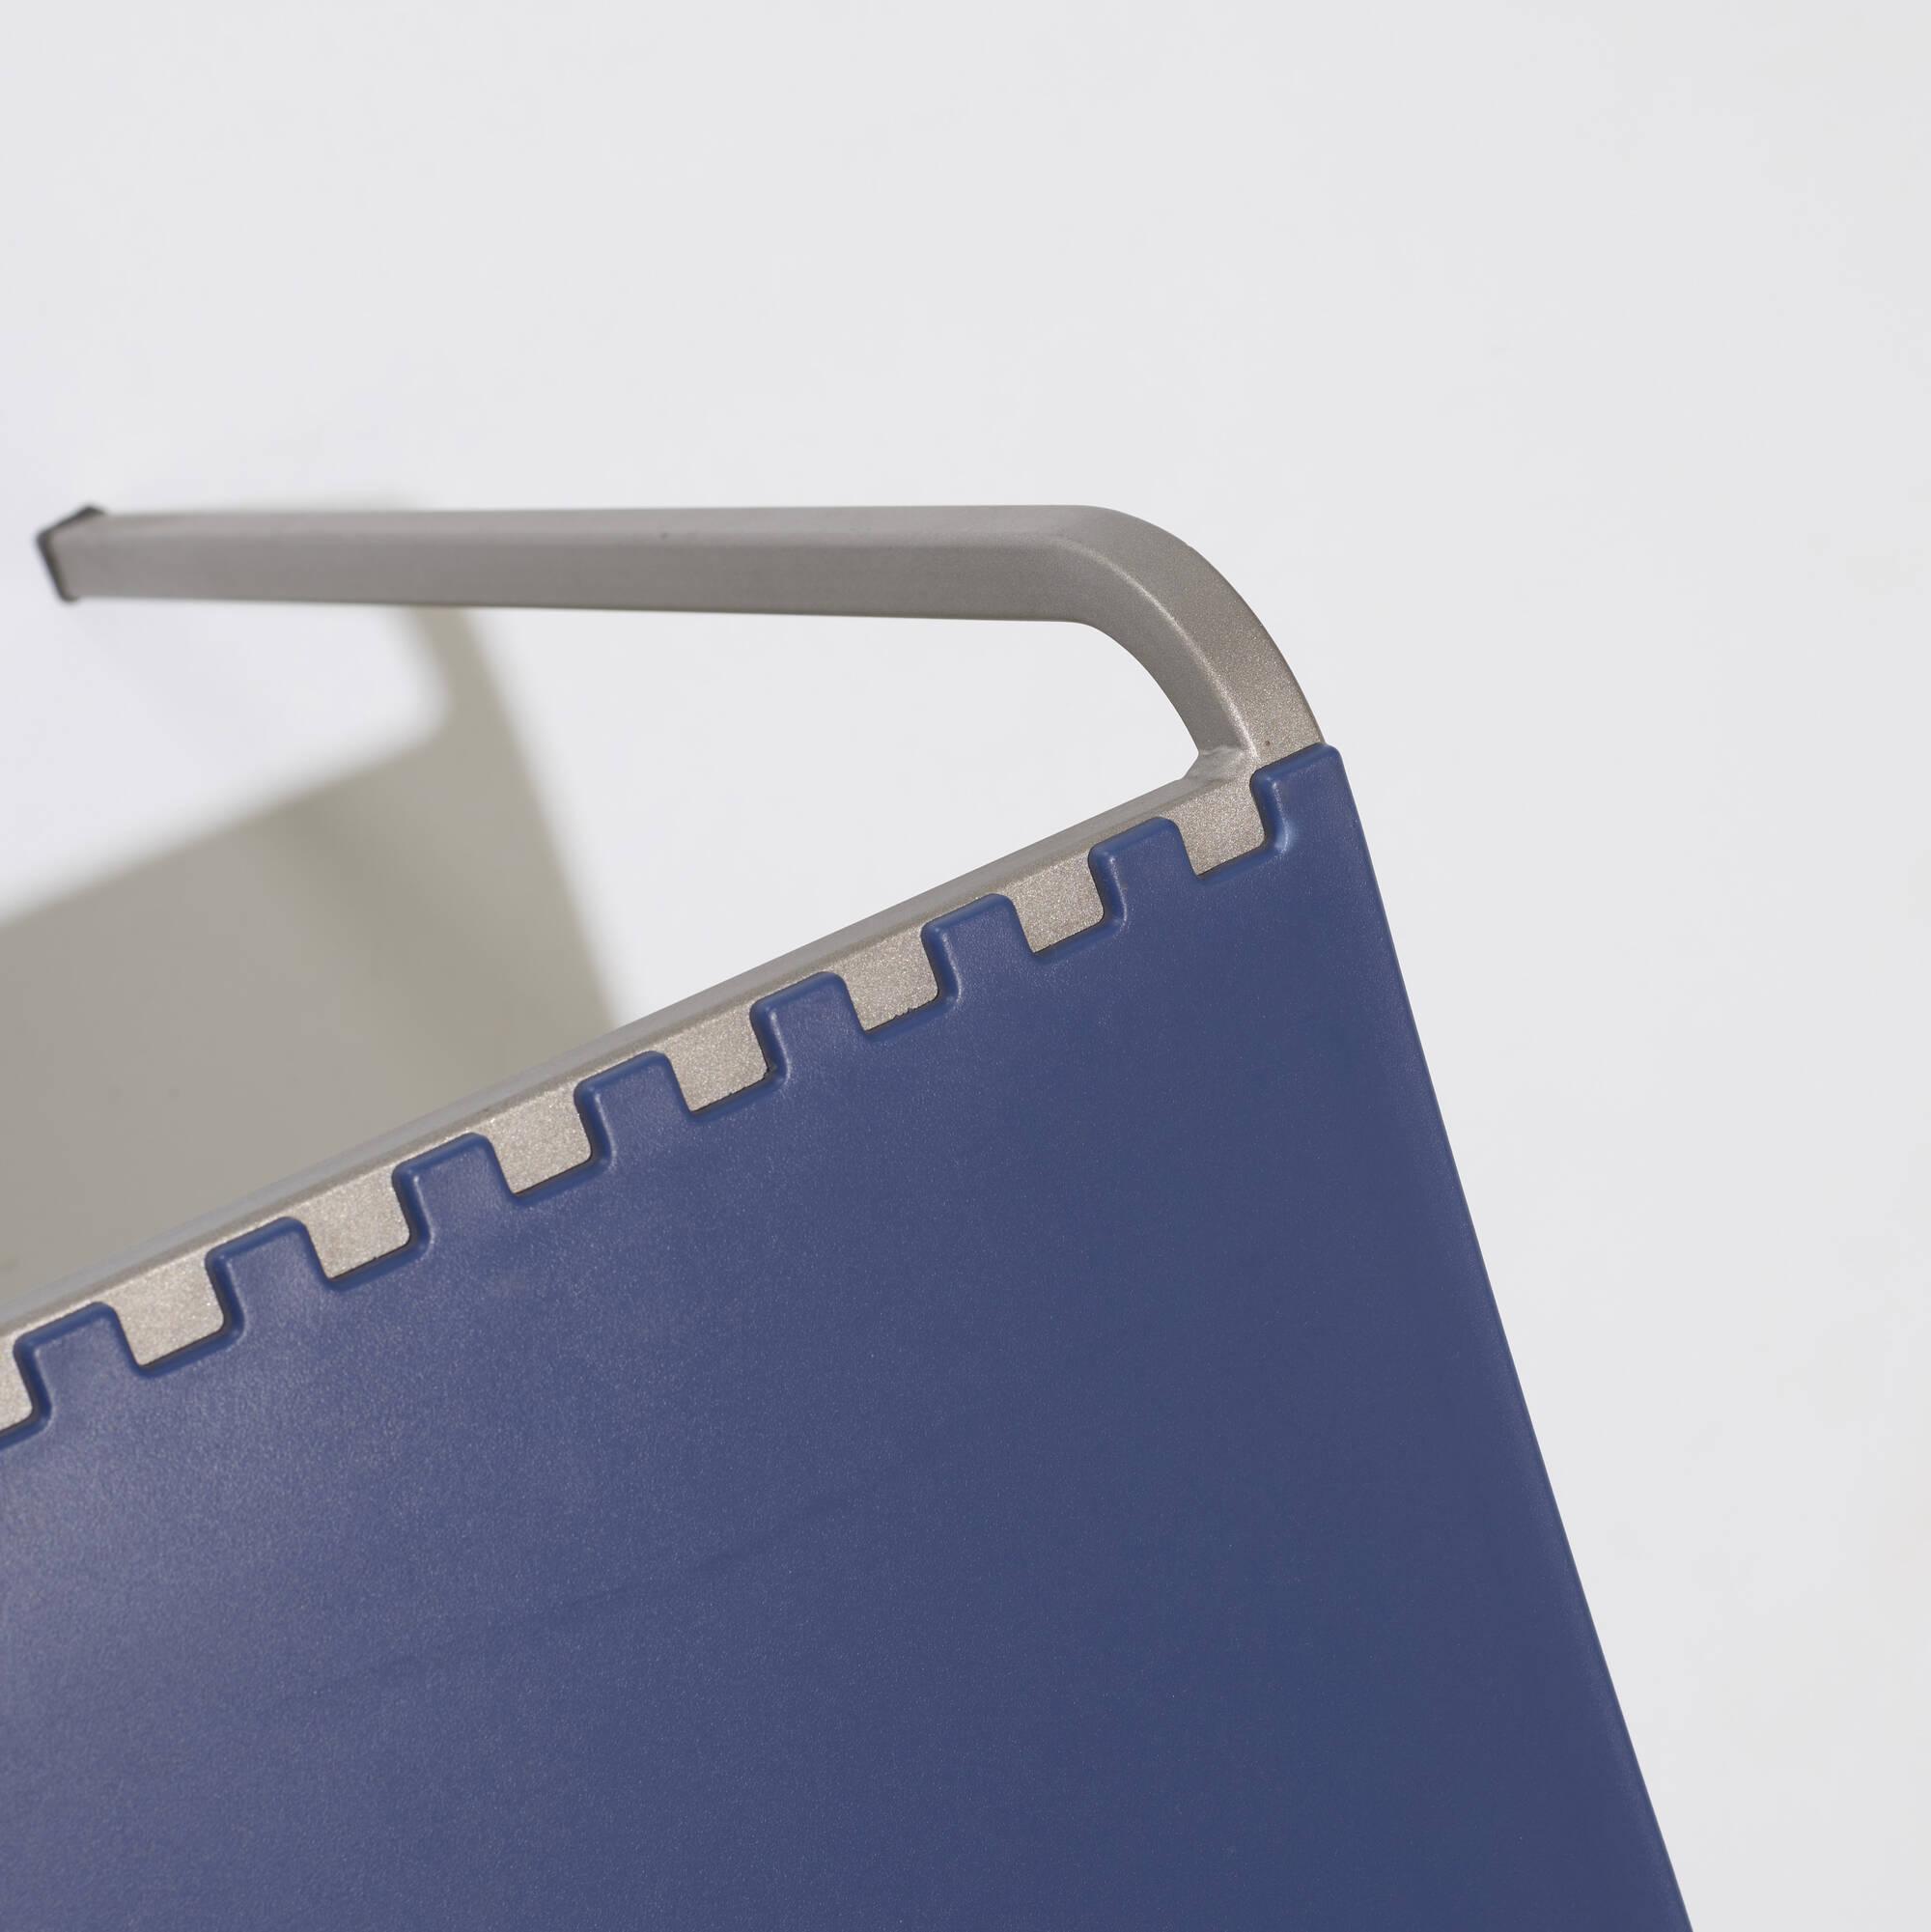 187: Marco Maran / Zip chair (3 of 4)